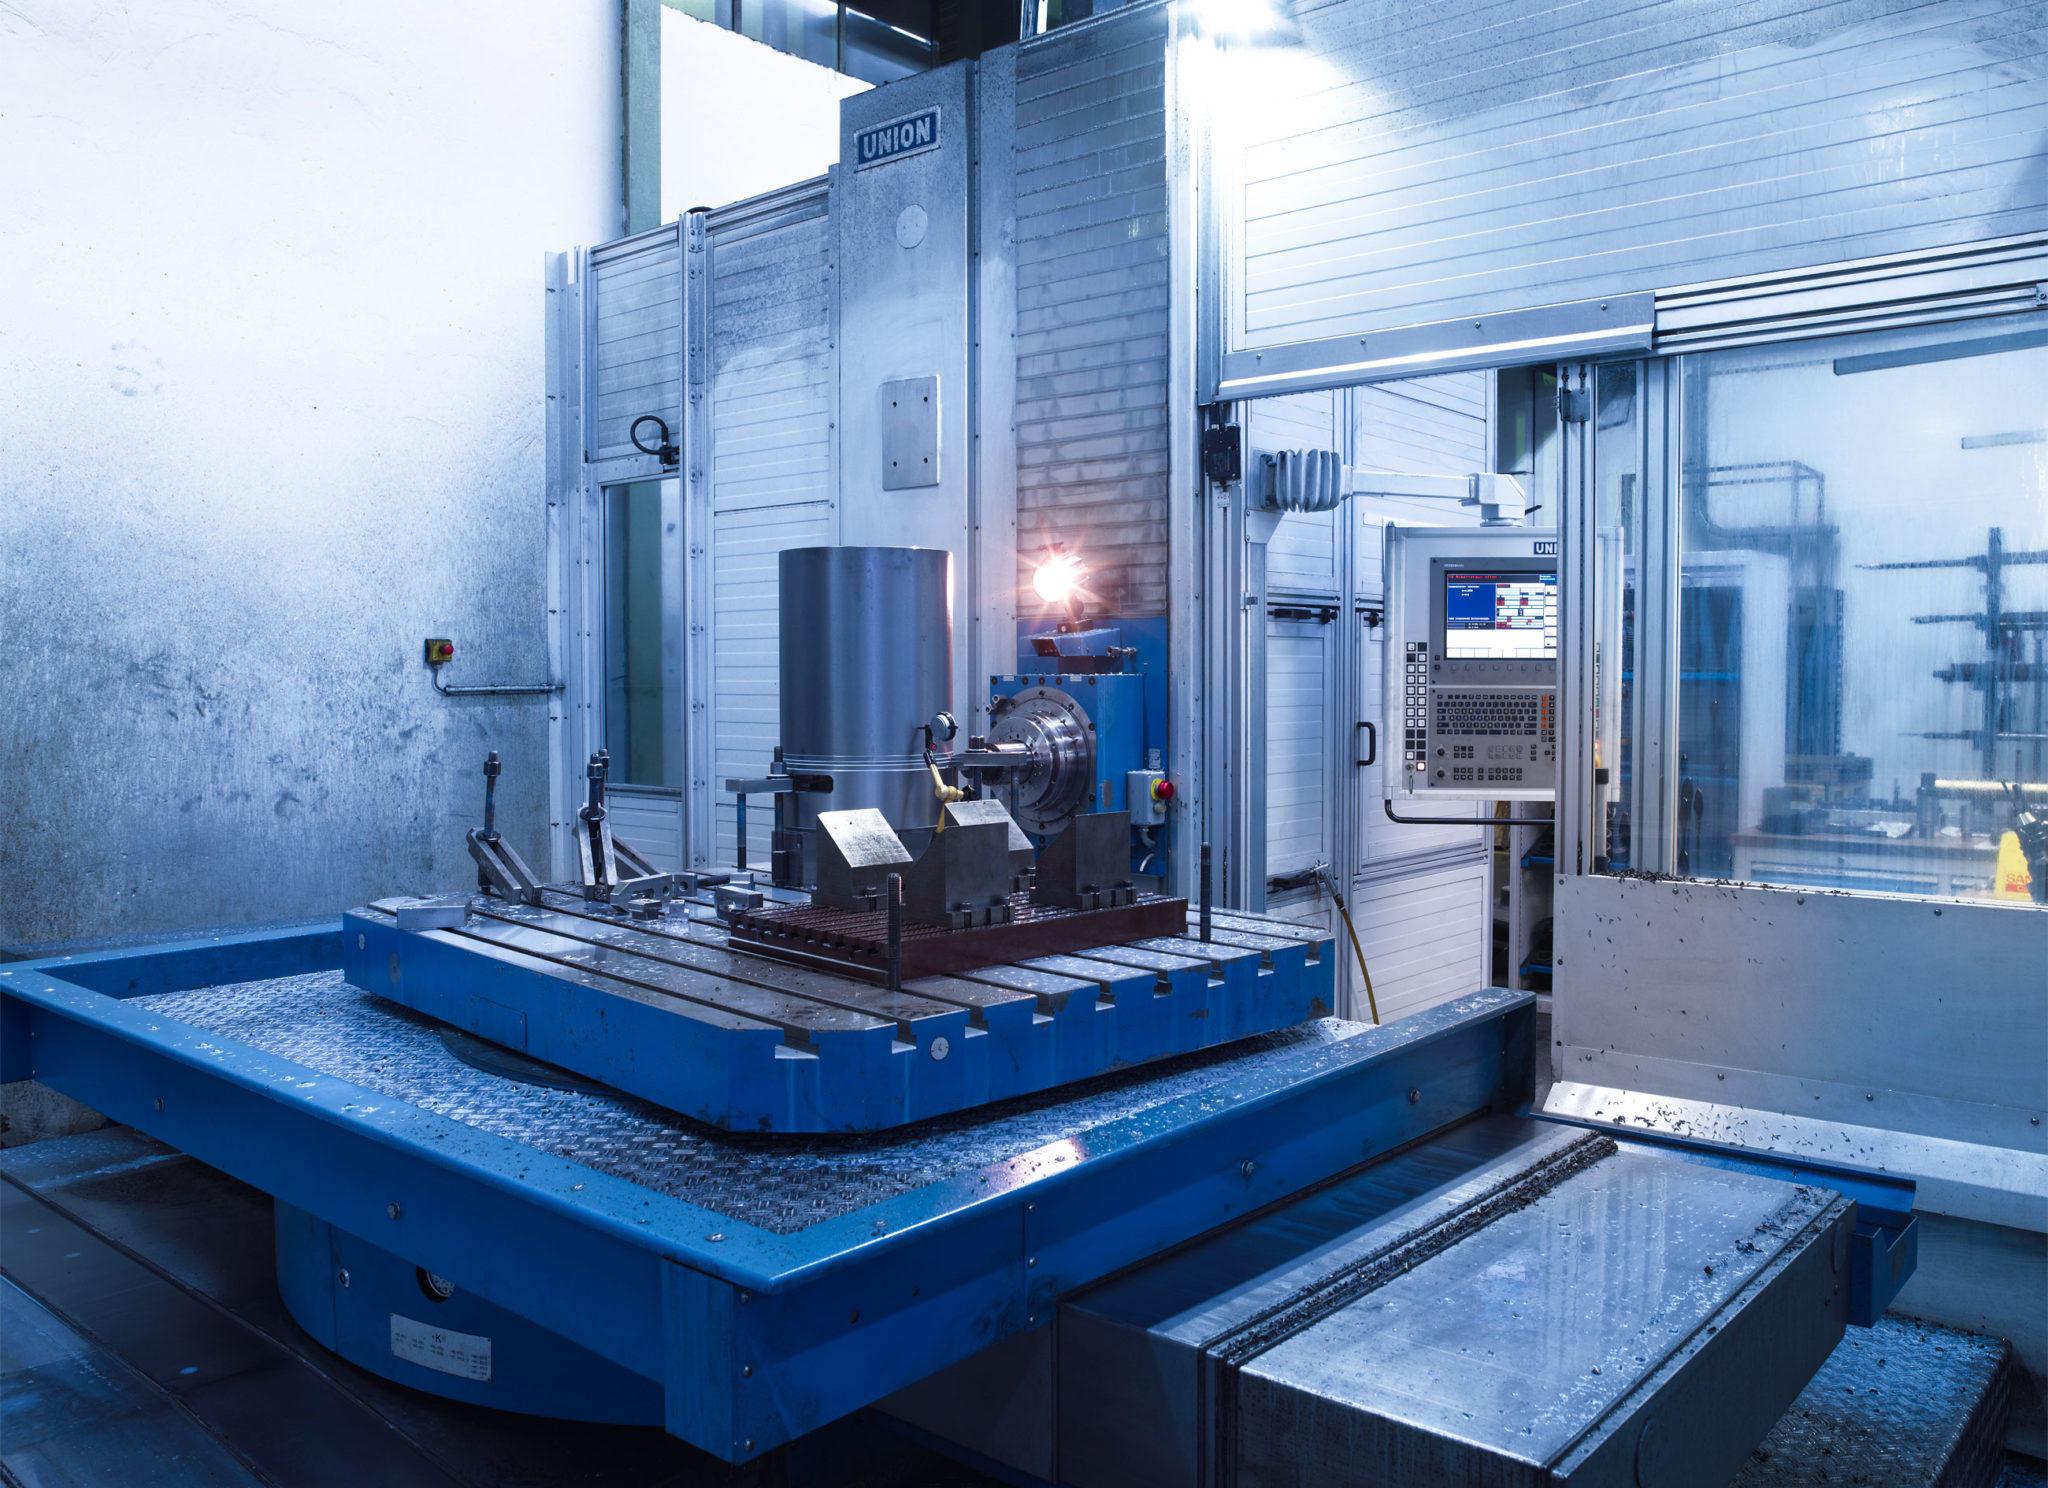 Union T110 Maschinenbau CNC-Drehen CNC-Fräsen Bohren CNC-Schleifen - Maschinen-Bohren-Fräsen-A-Union-T110-1068